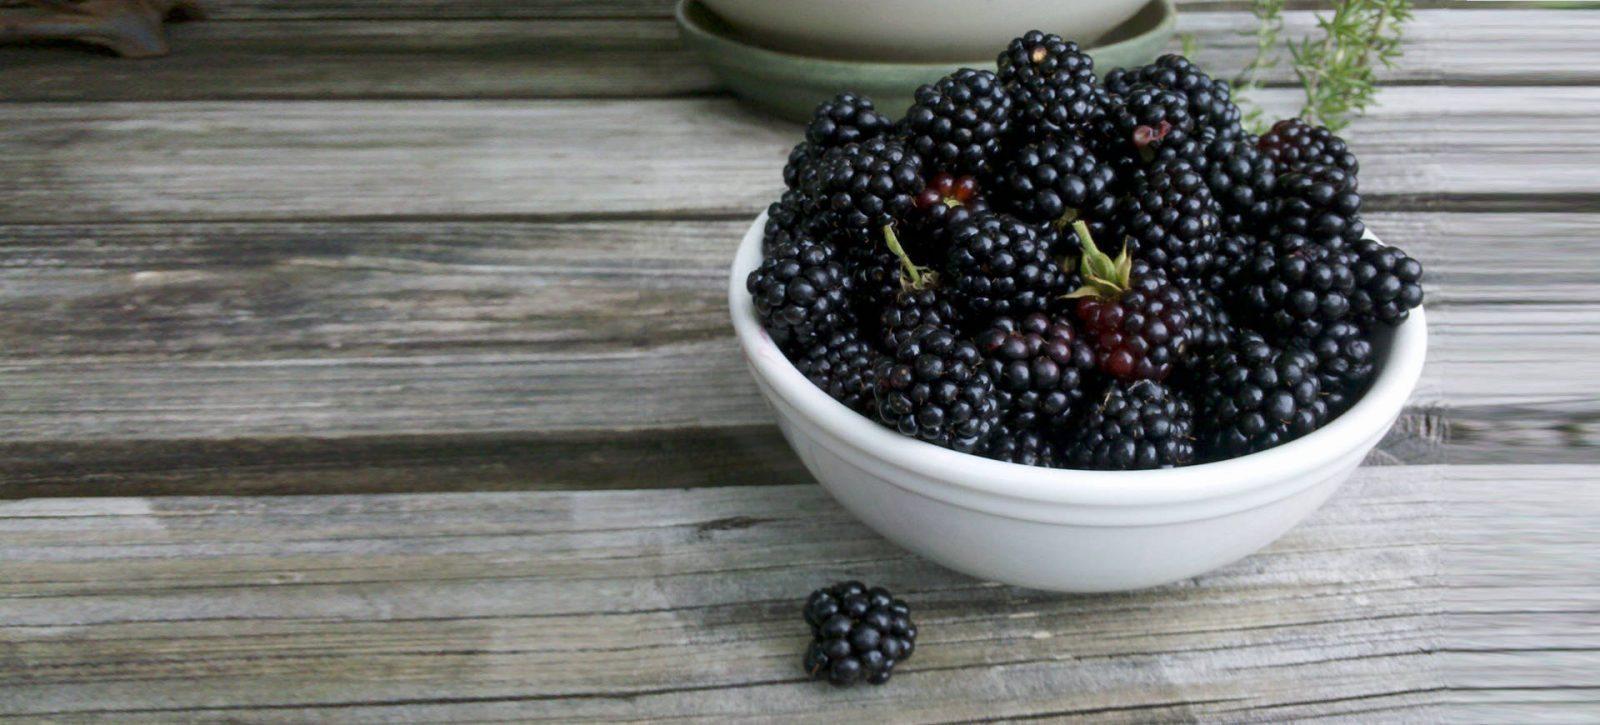 Vendita piante di more rubus fruticosus vendita piante online for Vendita piante di lamponi